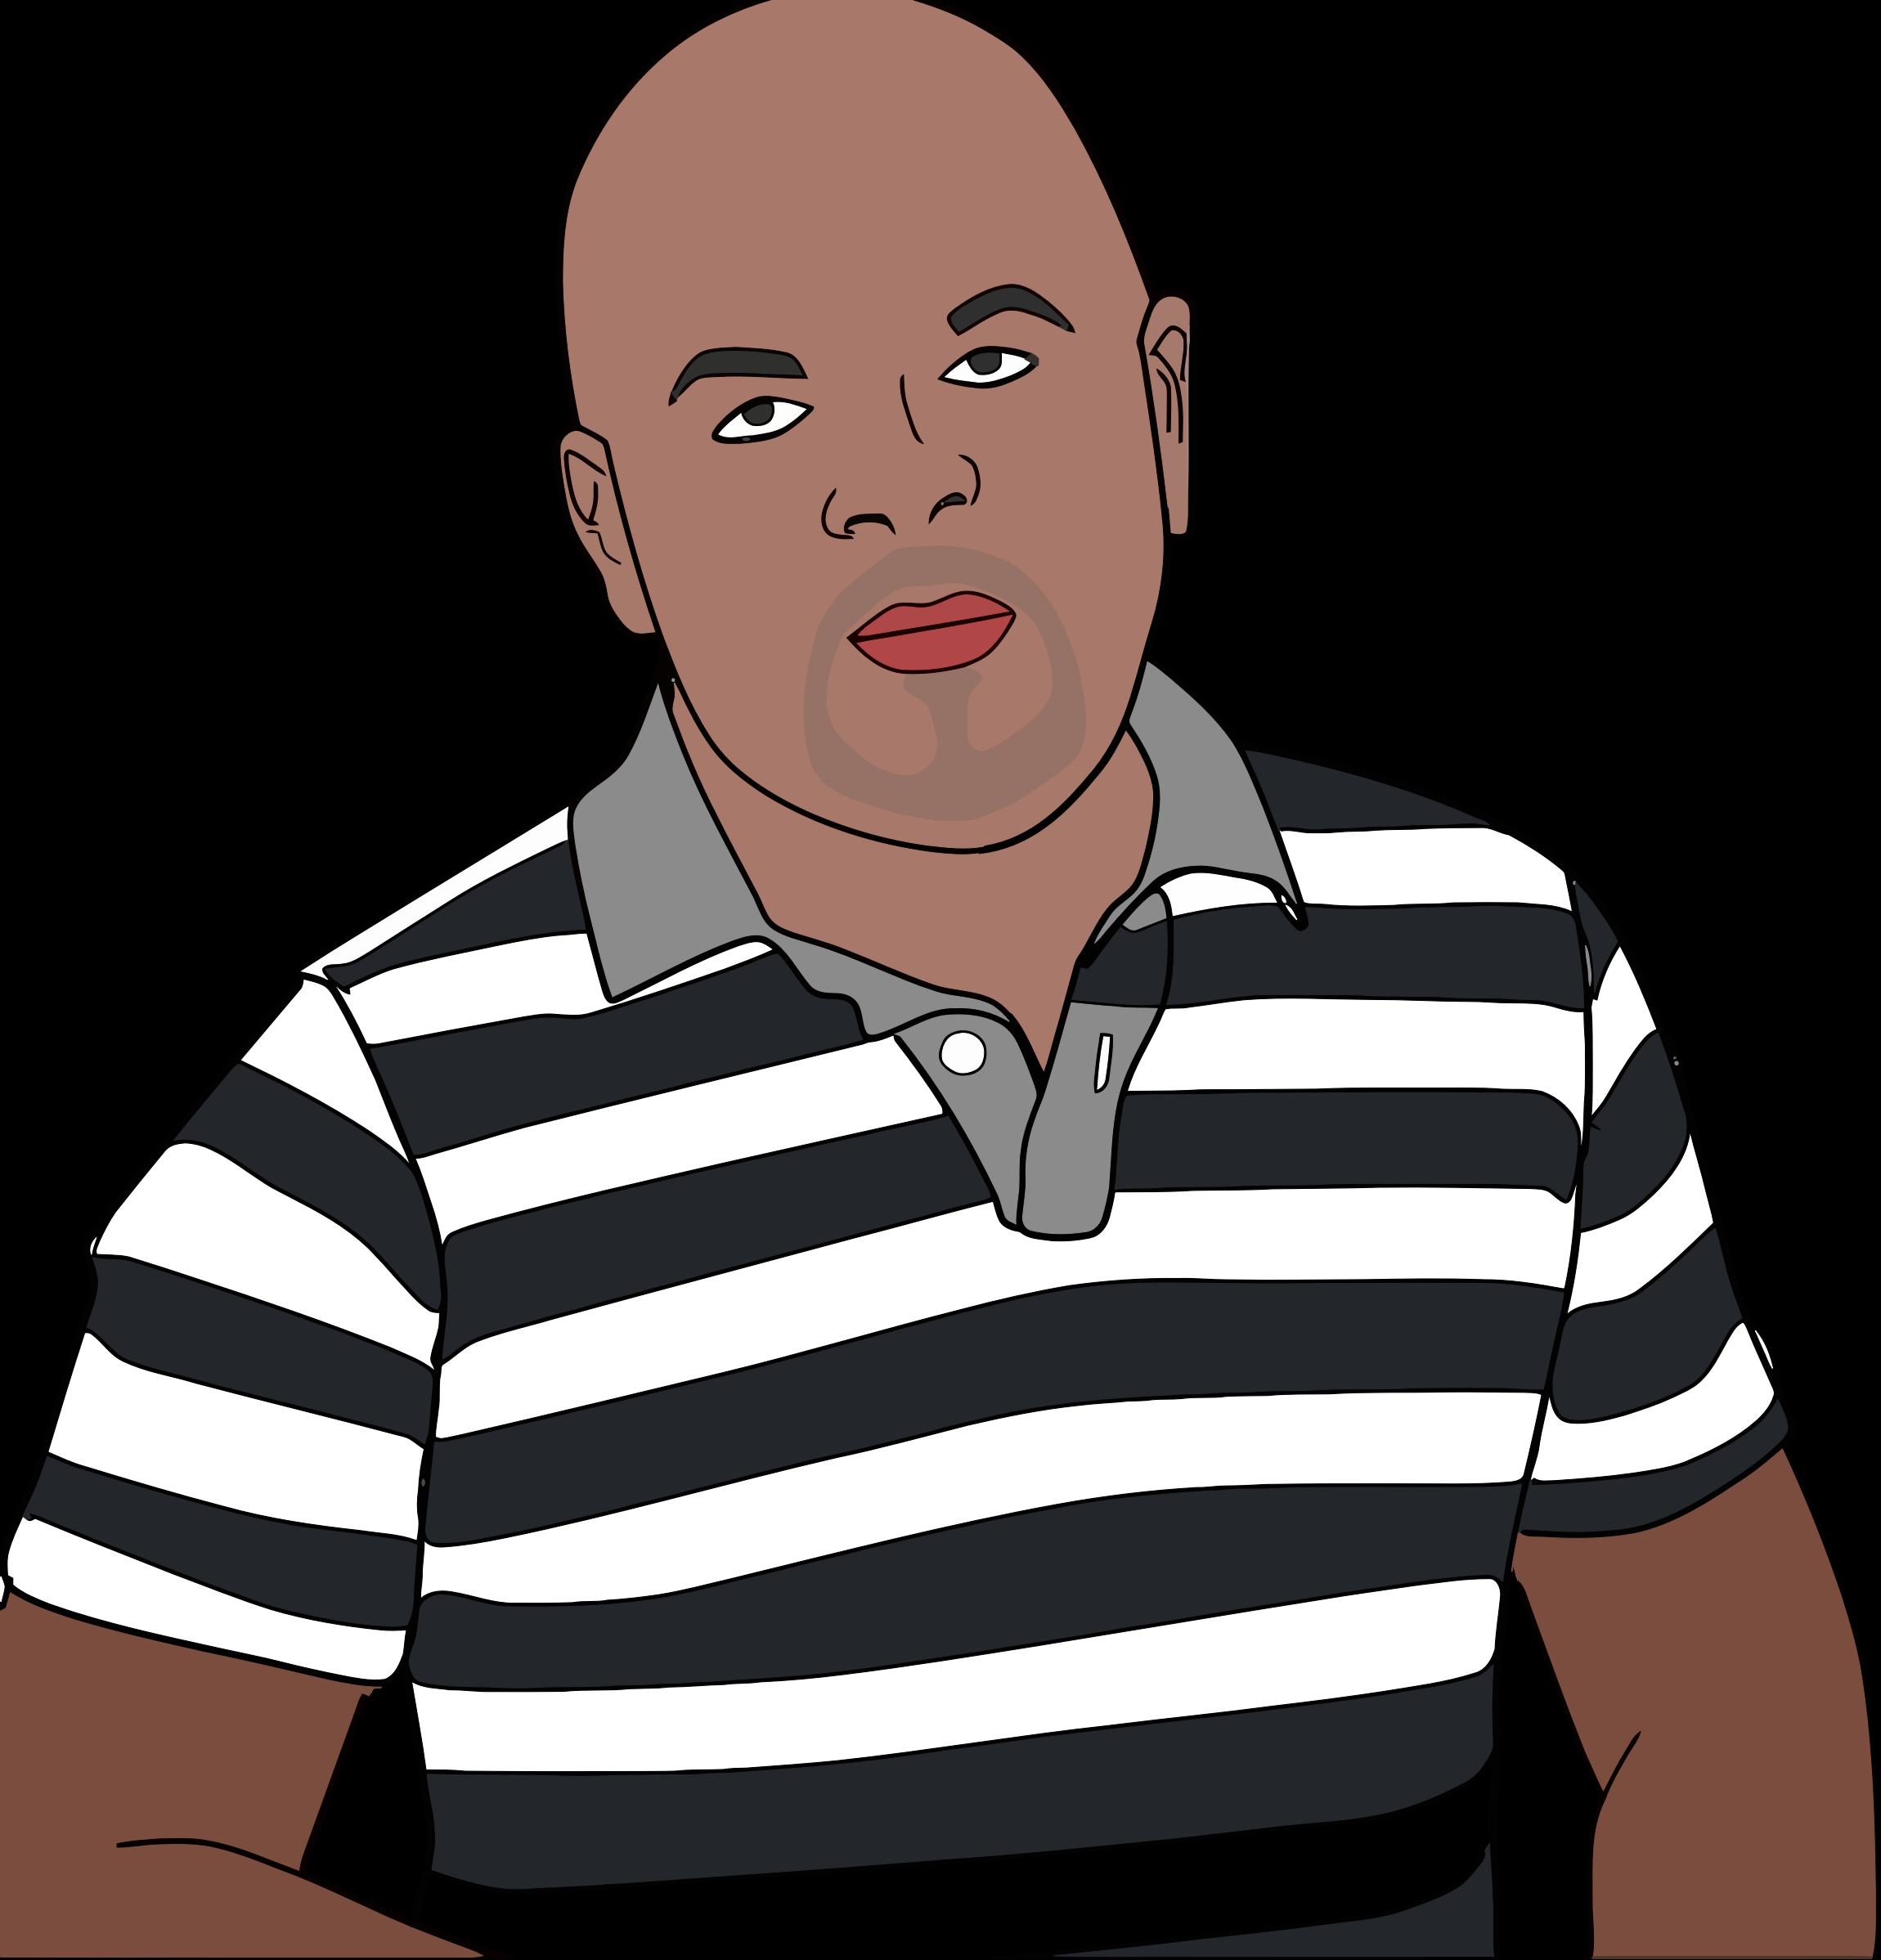 Male clipart realistic person. Man s portrait big